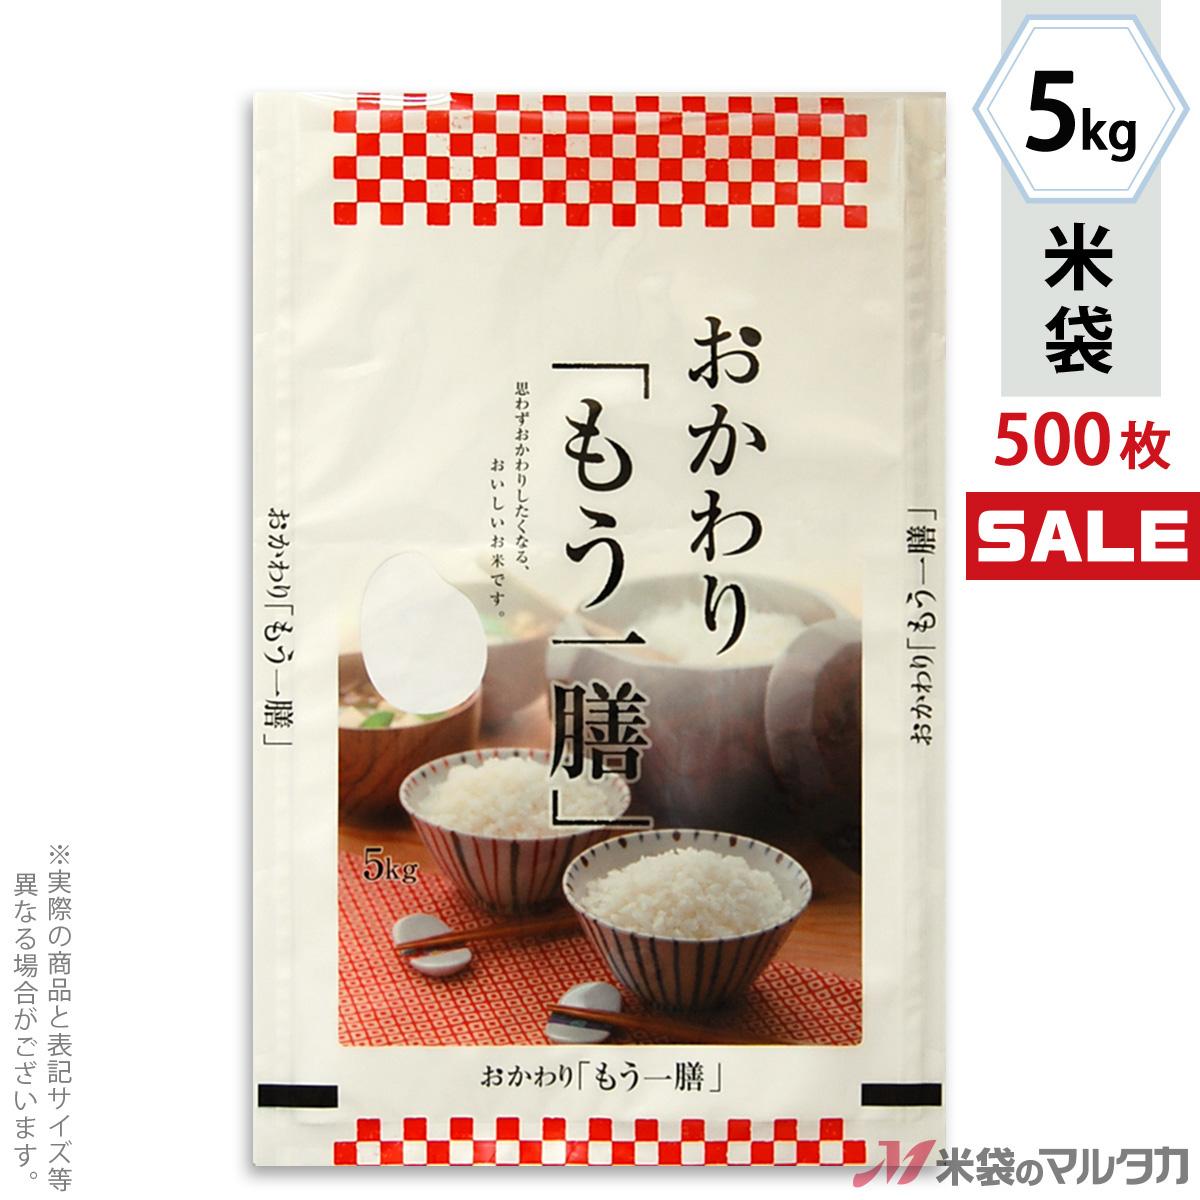 <キャンペーン対応>米袋 ラミ フレブレス おかわり「もう一膳」 5kg 1ケース(500枚入) MN-0075